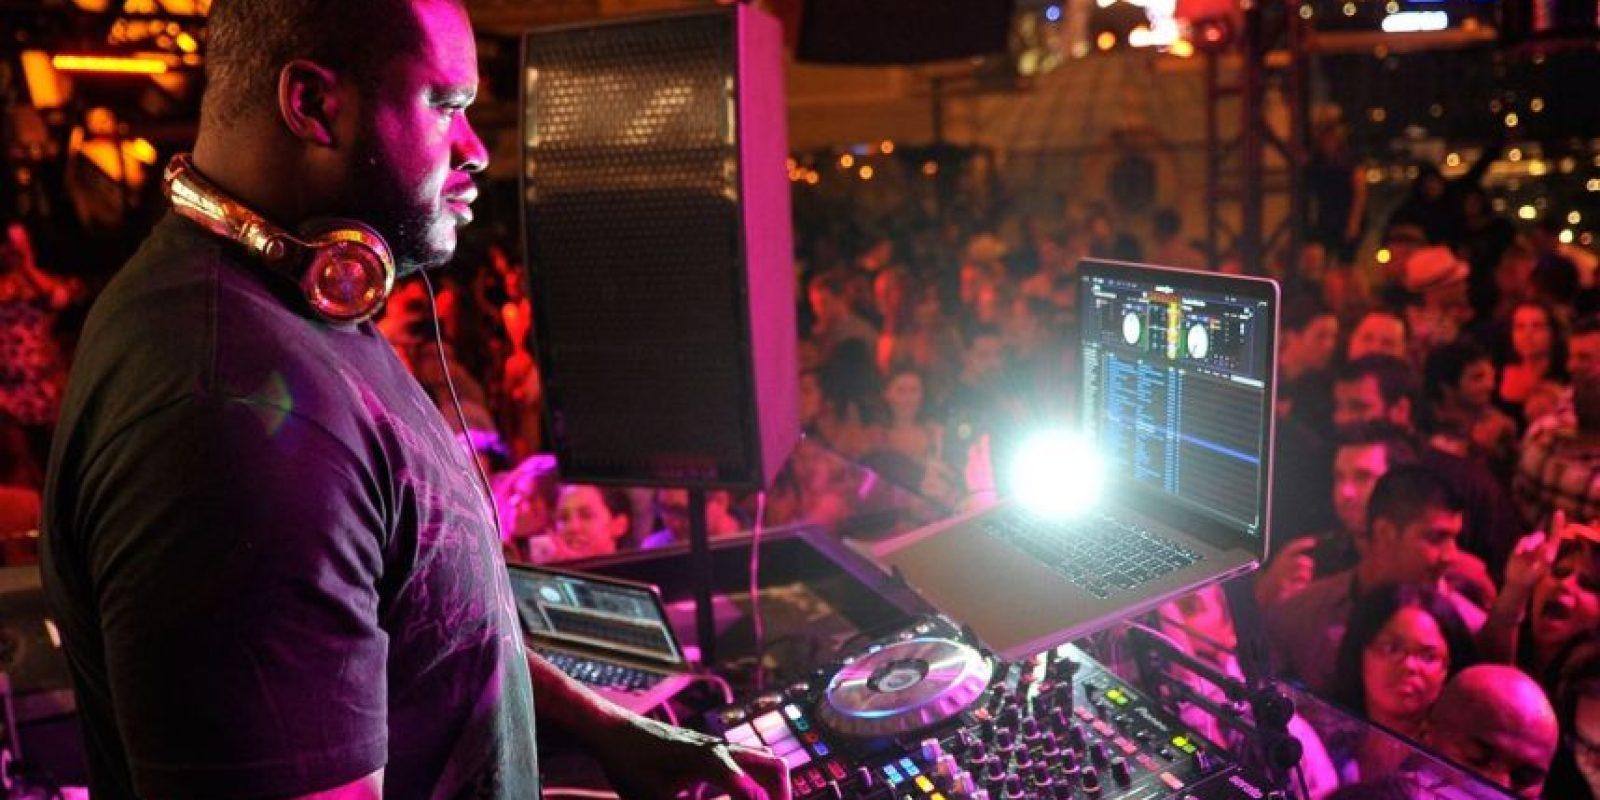 SHAQUILLE O´Neal en Punta Cana. Este próximo 30 y 31, el exbaloncetista Shaquille O'Neal despedirá el año en grande desde el Hard Rock Hotel, amenizando dos fiestas. Foto:Fuente Externa